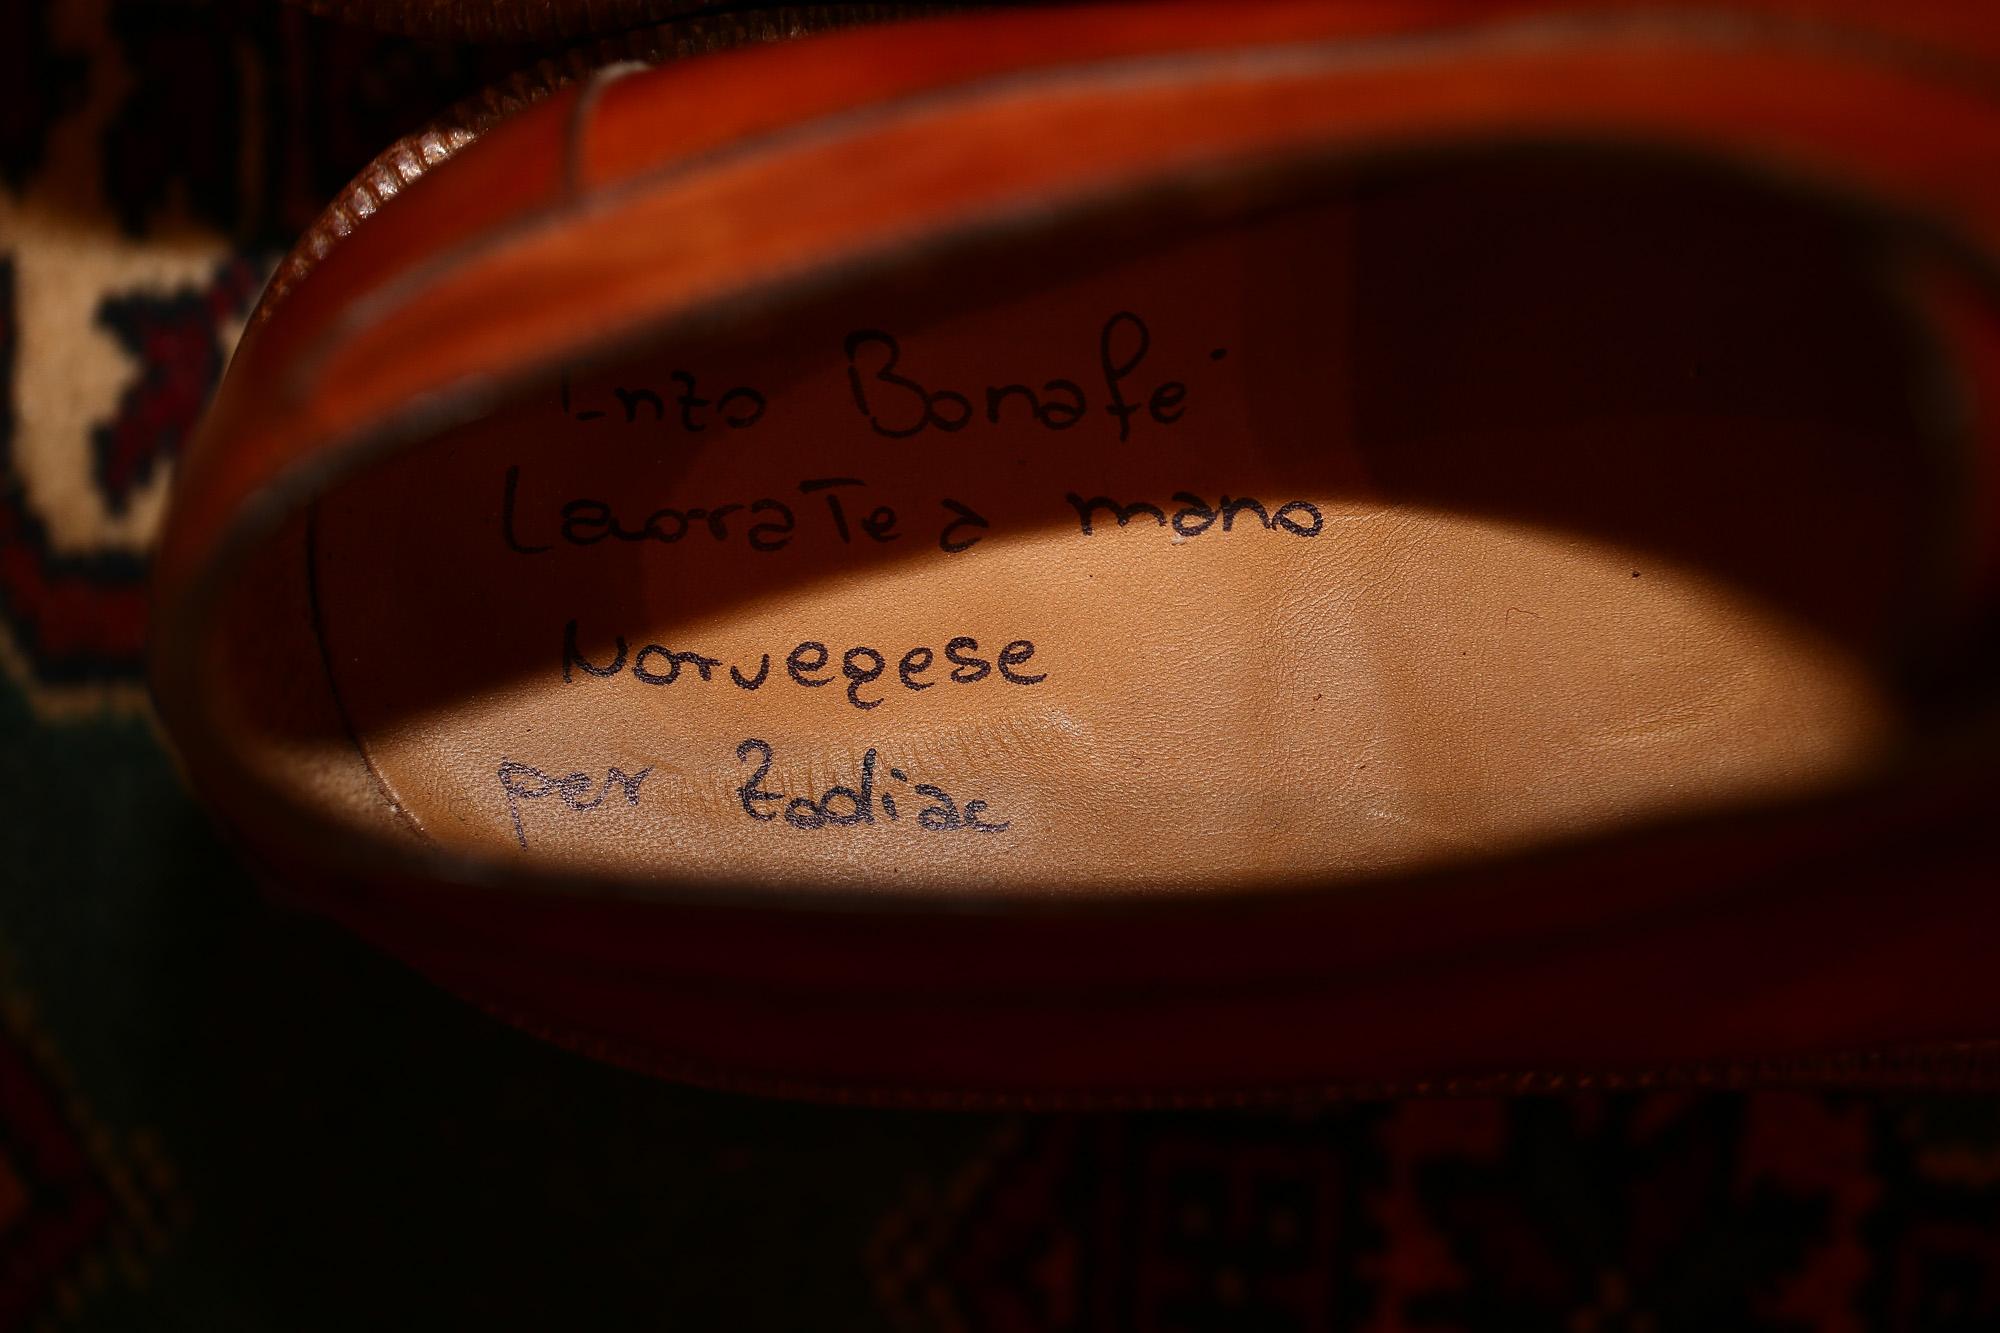 ENZO BONAFE (エンツォボナフェ) BERING (ベーリング) Bonaudo Museum Calf Leather ボナウド社 ミュージアムカーフ Uチップシューズ レザーシューズ ドレスシューズ NEW GOLD (ニューゴールド) made in Italy(イタリア製) 2016 秋冬新作 愛知 名古屋 ZODIAC ゾディアック エンツォボナフェ ボナフェ ベネチアンクリーム JOHN LOBB ジョンロブ CHURCH'S チャーチ JOSEPH CHEANEY ジョセフチーニー CORTHAY コルテ ALFRED SARGENT アルフレッドサージェント CROCKETT&JONES クロケットジョーンズ F.LLI GIACOMETTI フラテッリジャコメッティ ENZO BONAFE エンツォボナフェ BETTANIN&VENTURI ベッタニンヴェントゥーリ JALAN SRIWIJAYA ジャランスリウァヤ J.W.WESTON ジェイエムウエストン SANTONI サントーニ SERGIO ROSSI セルジオロッシ CARMINA カルミナ